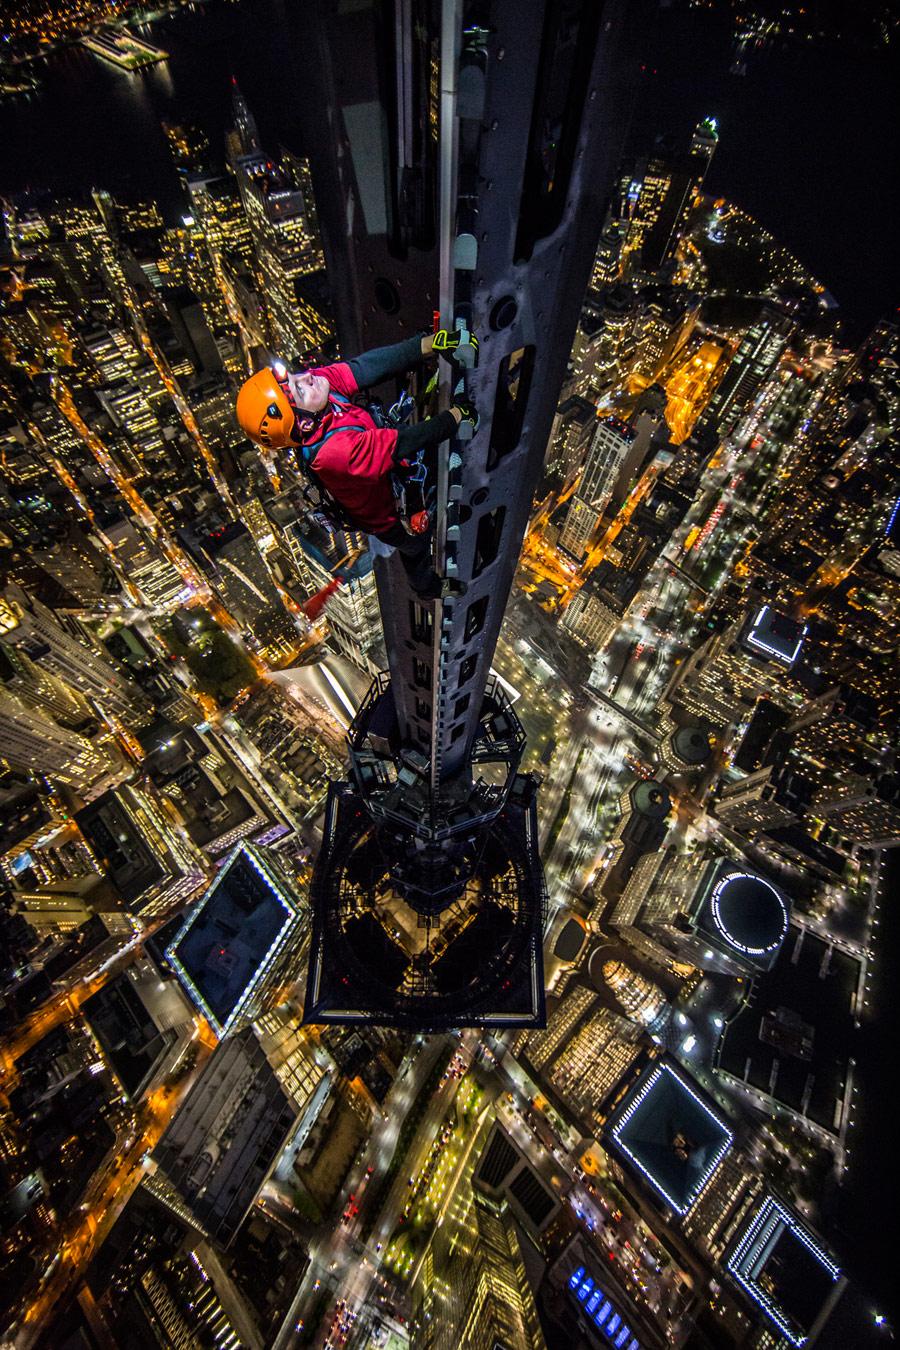 Всемирный торговый центр, © Джимми Чин, Уилсон, США, Финалист категории «Приключения» : профессионал, Фотоконкурс «Великие просторы» — пейзажи и живая природа — The Great Outdoors